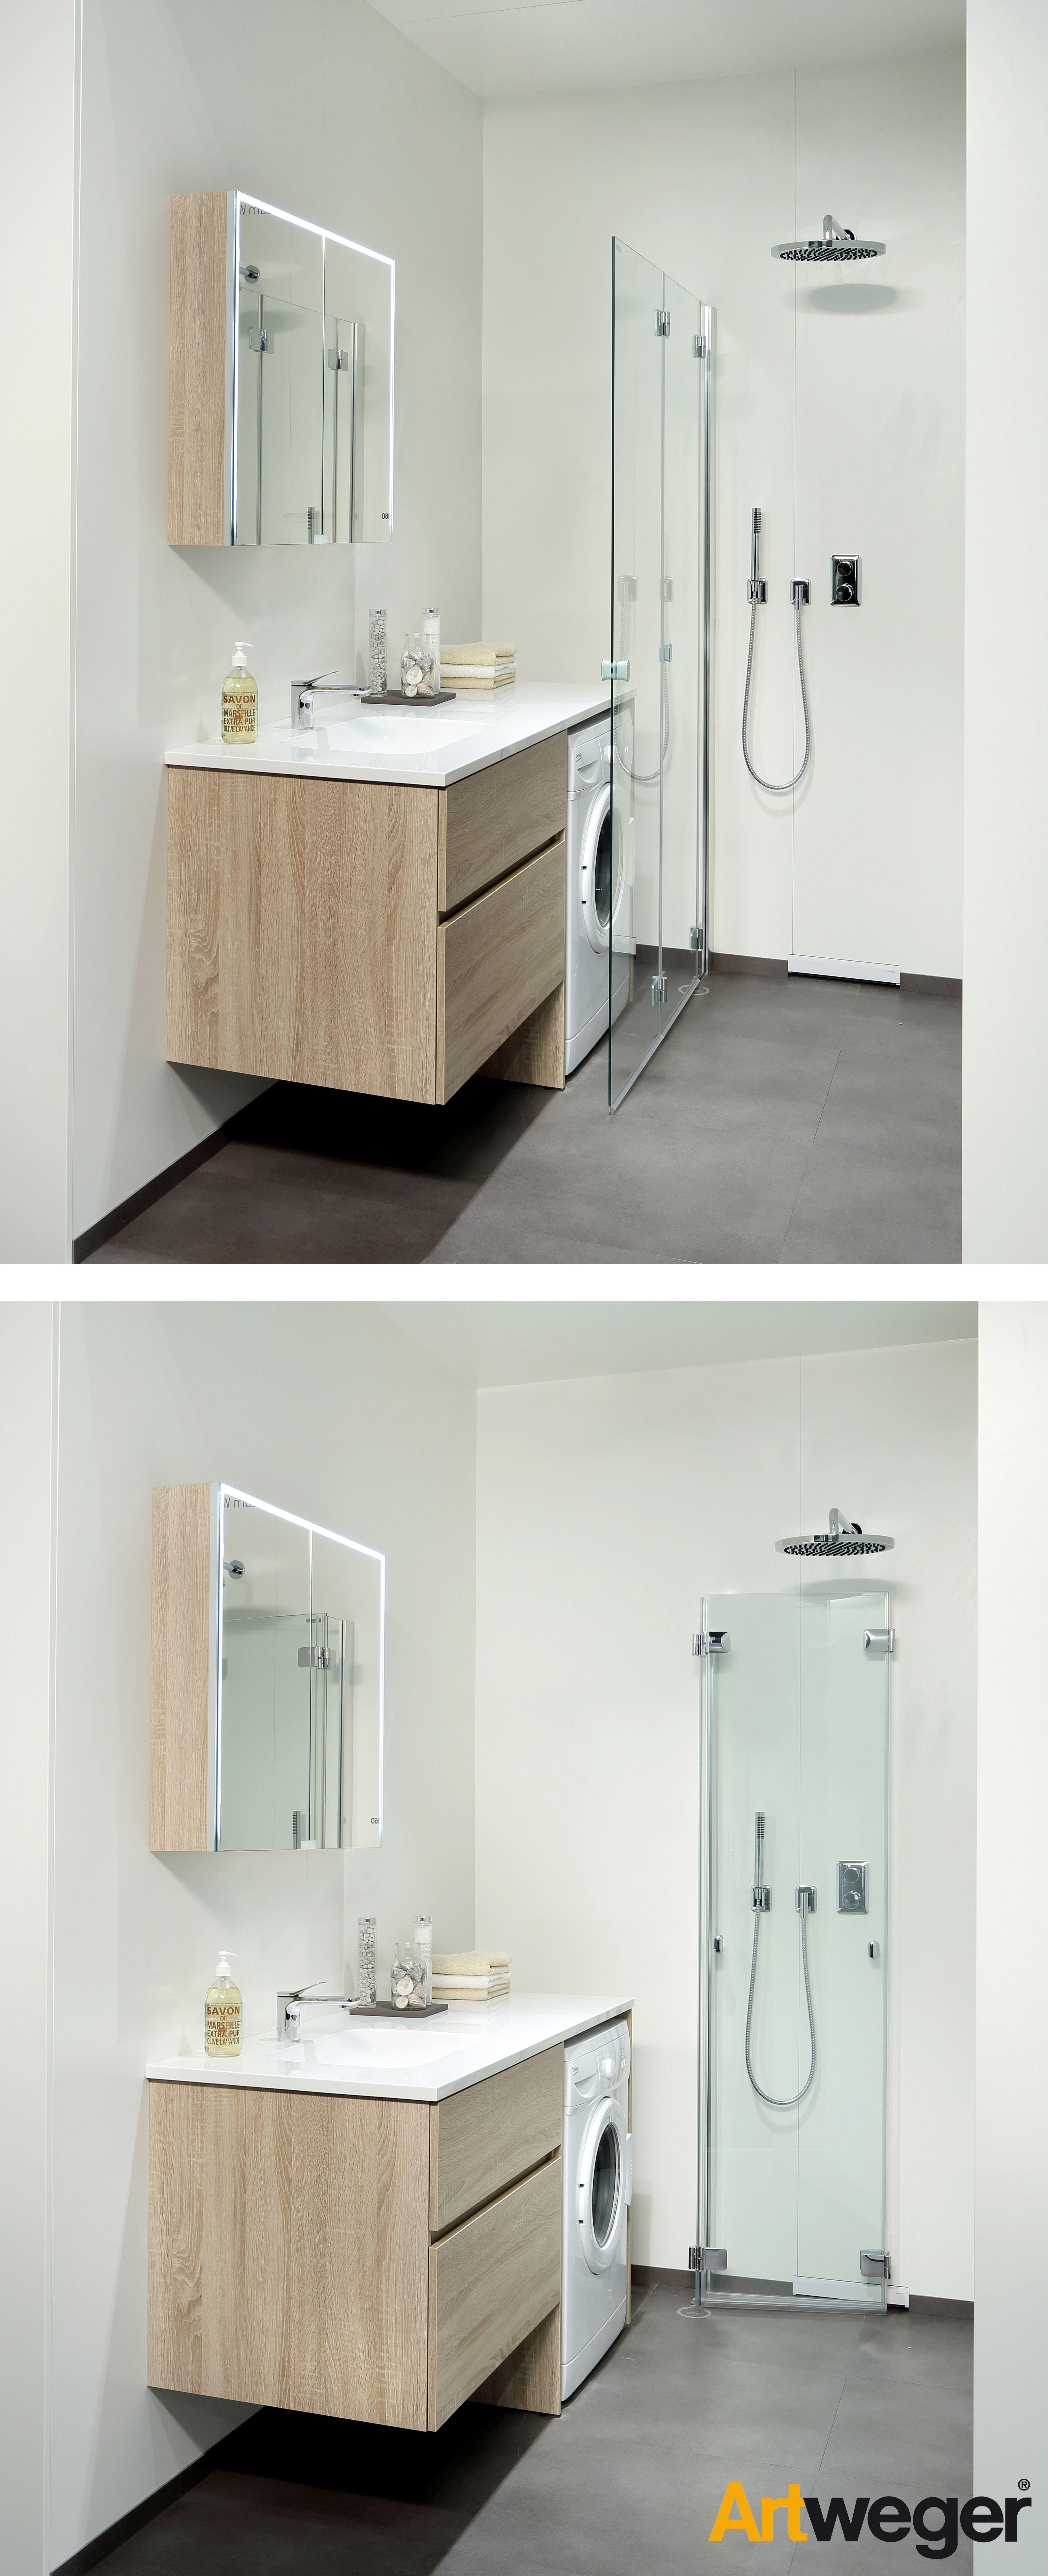 Foto Rundglas Raumspardusche Badezimmer Klein Badezimmer